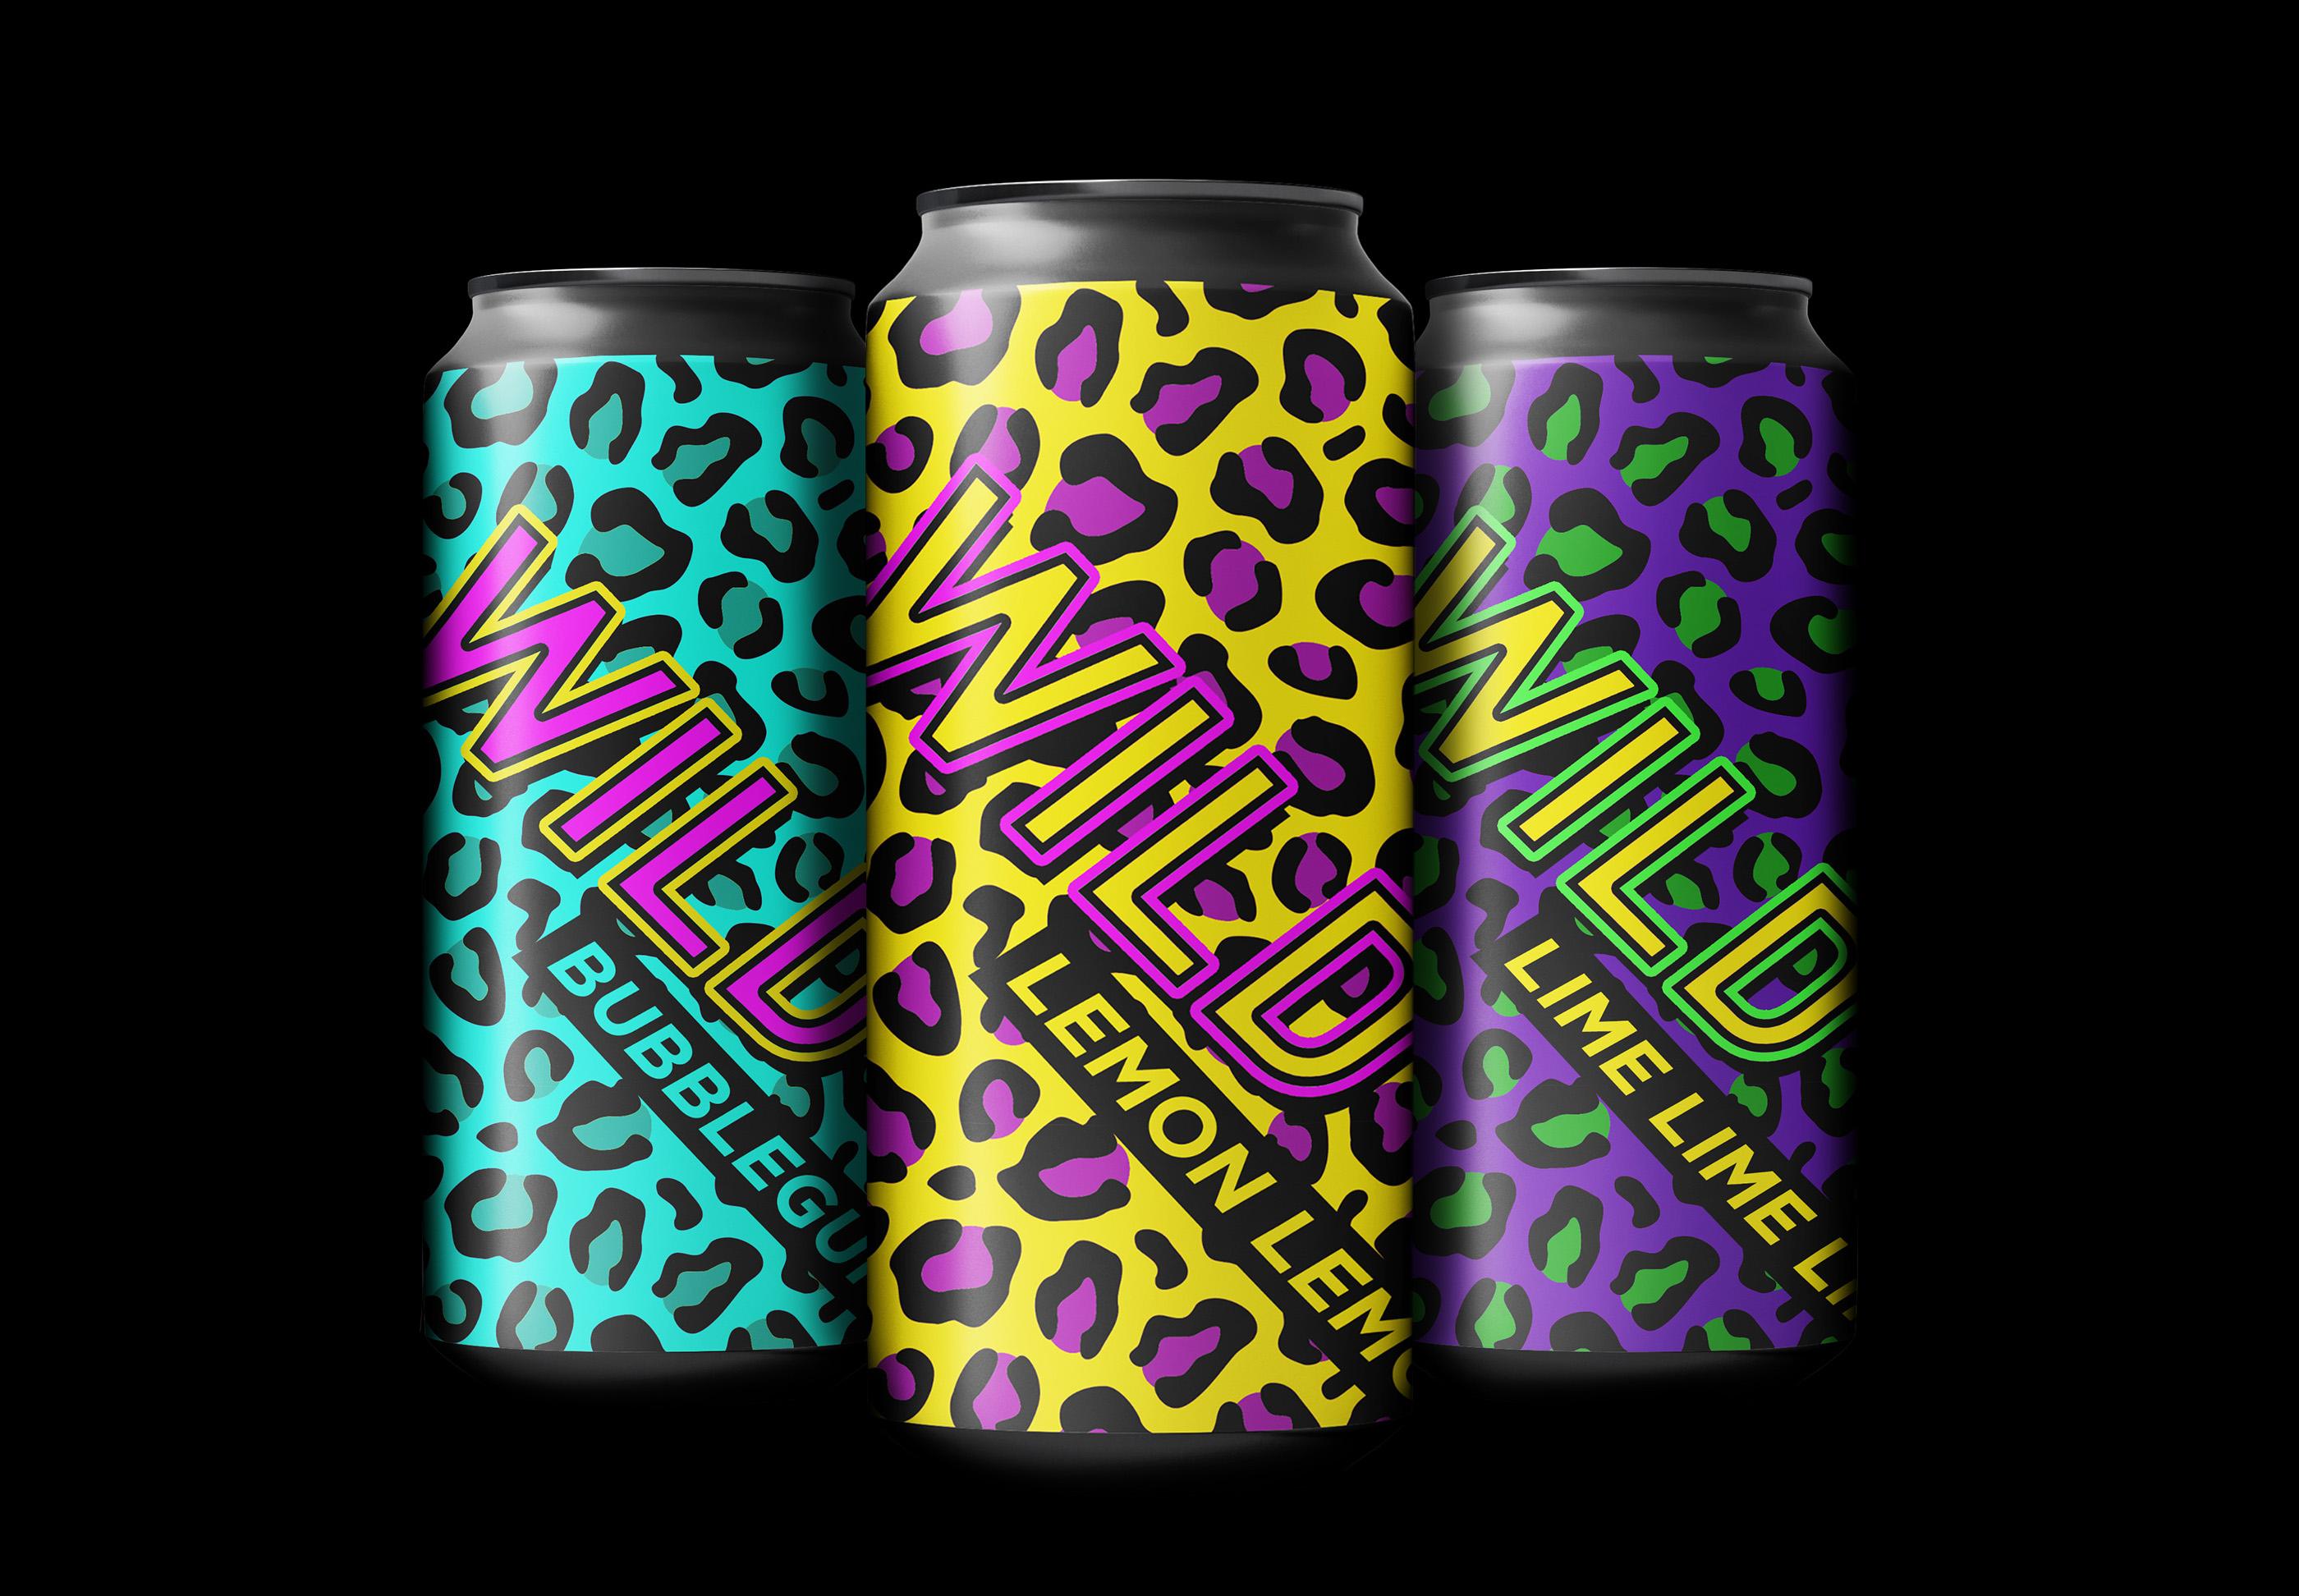 wild-soda-drink-packaging-design-agent-orange-design.jpg